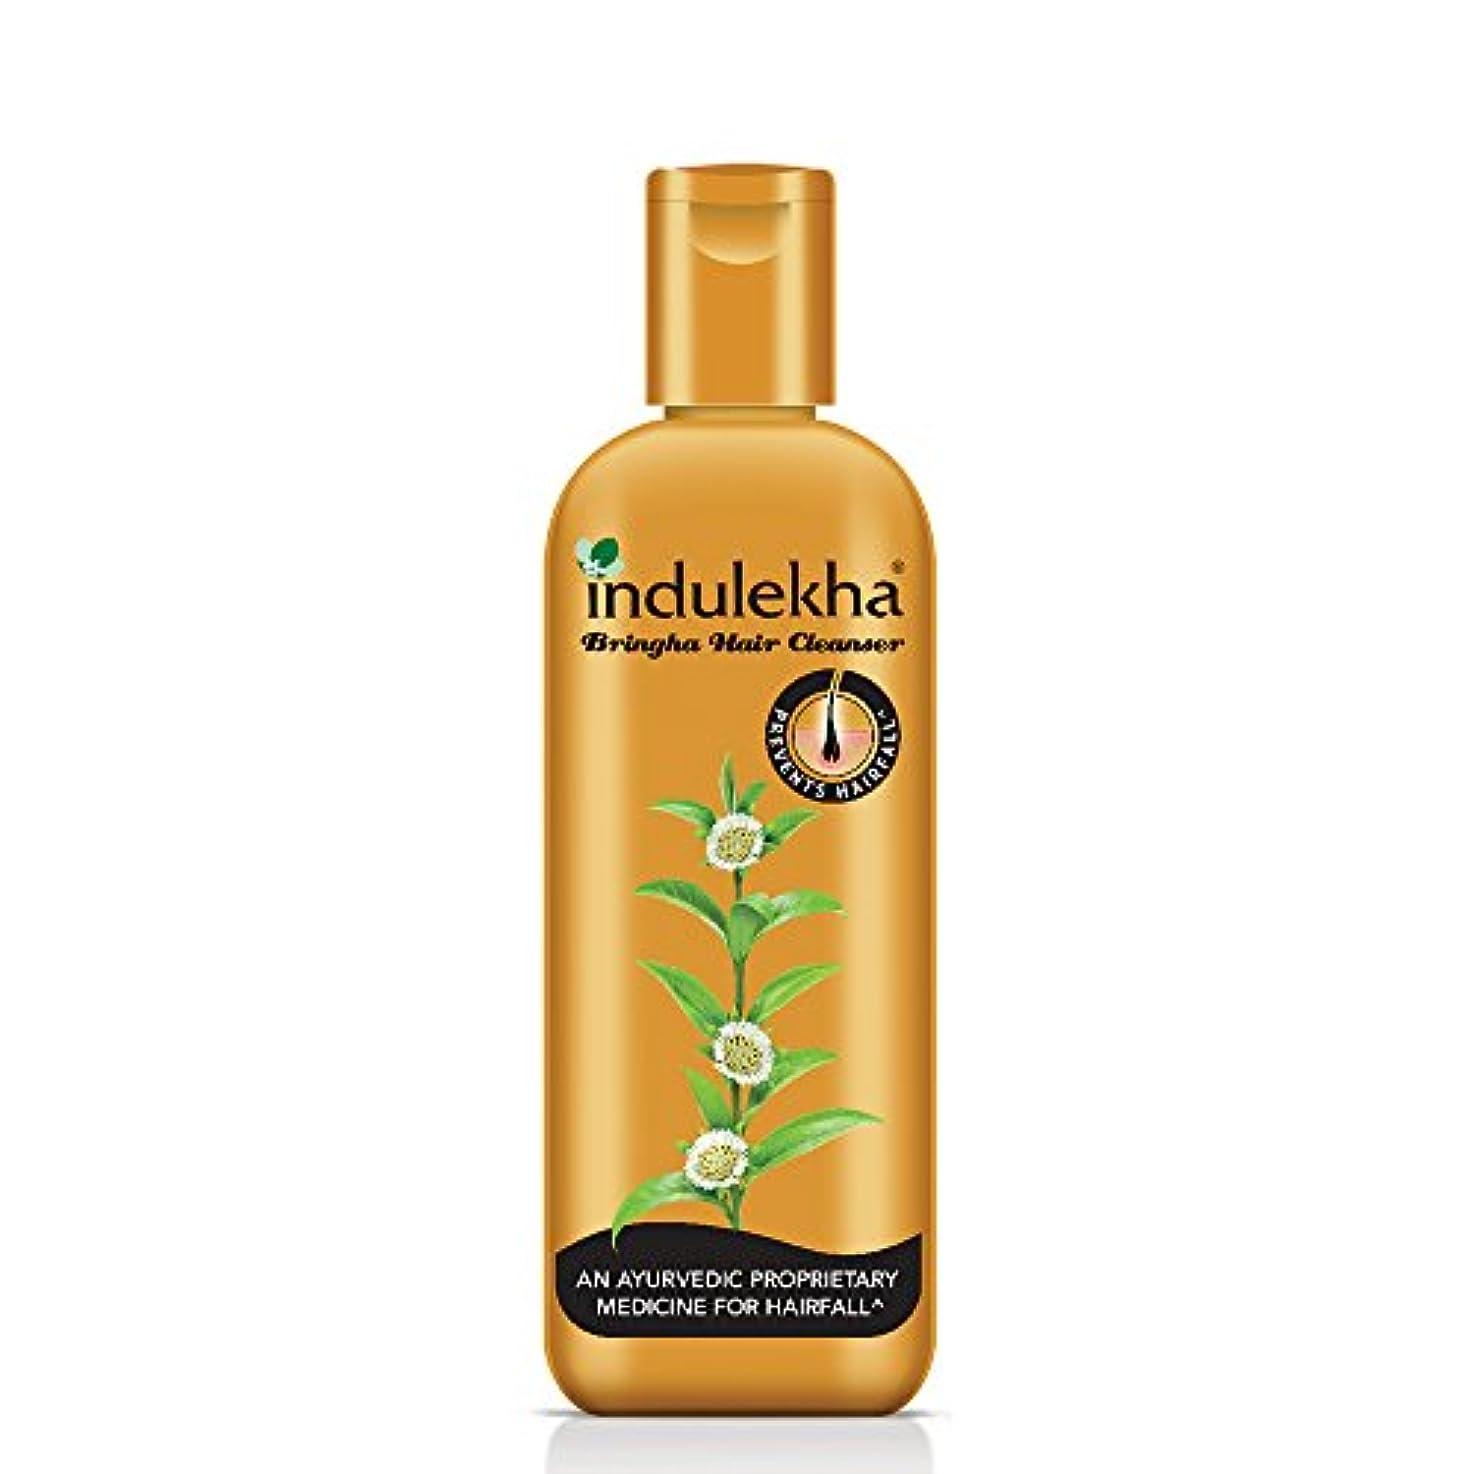 免疫啓示動員するIndulekha Bringha Anti Hair Fall Shampoo (Hair Cleanser) 200ml, 6.76 oz - 並行輸入品 - イニディカ?ブリンガアンチヘアフォールシャンプー(ヘアクレンザー...